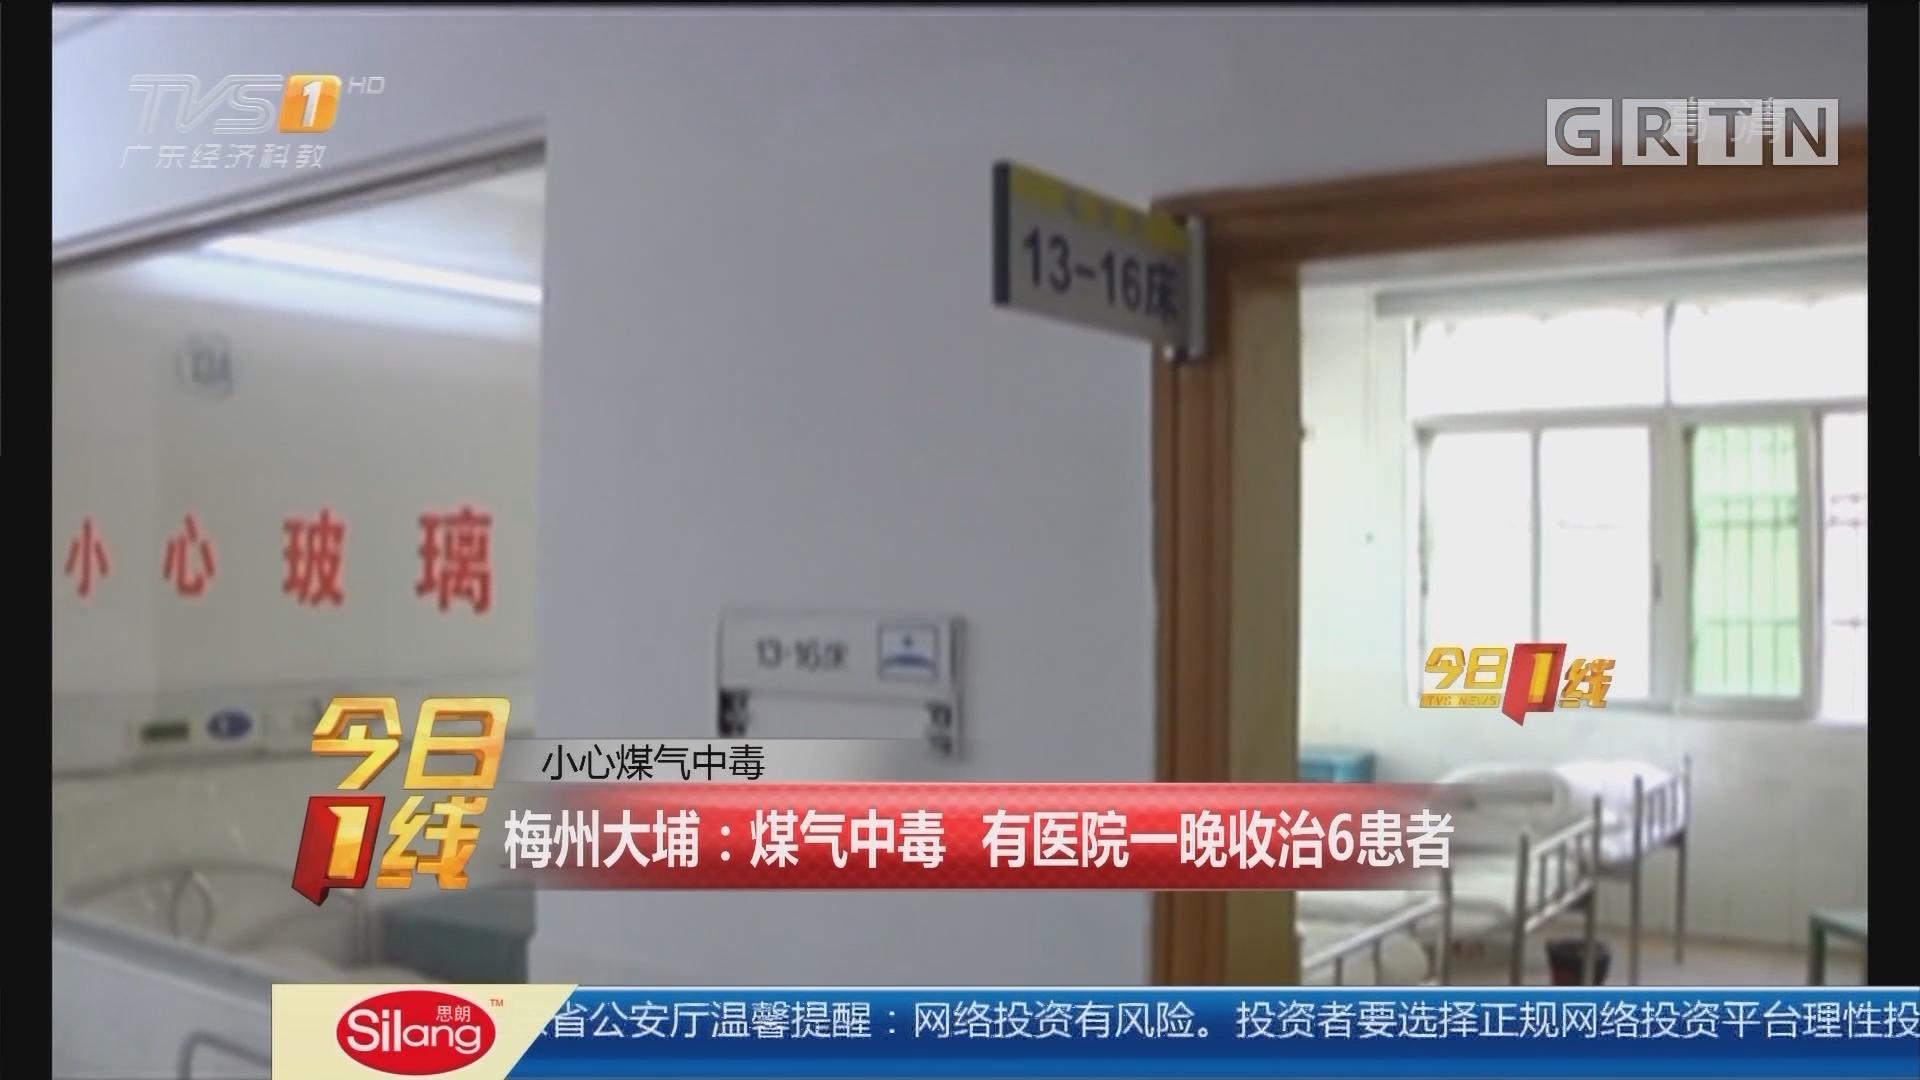 小心煤气中毒 梅州大埔:煤气中毒 有医院一晚收治6患者